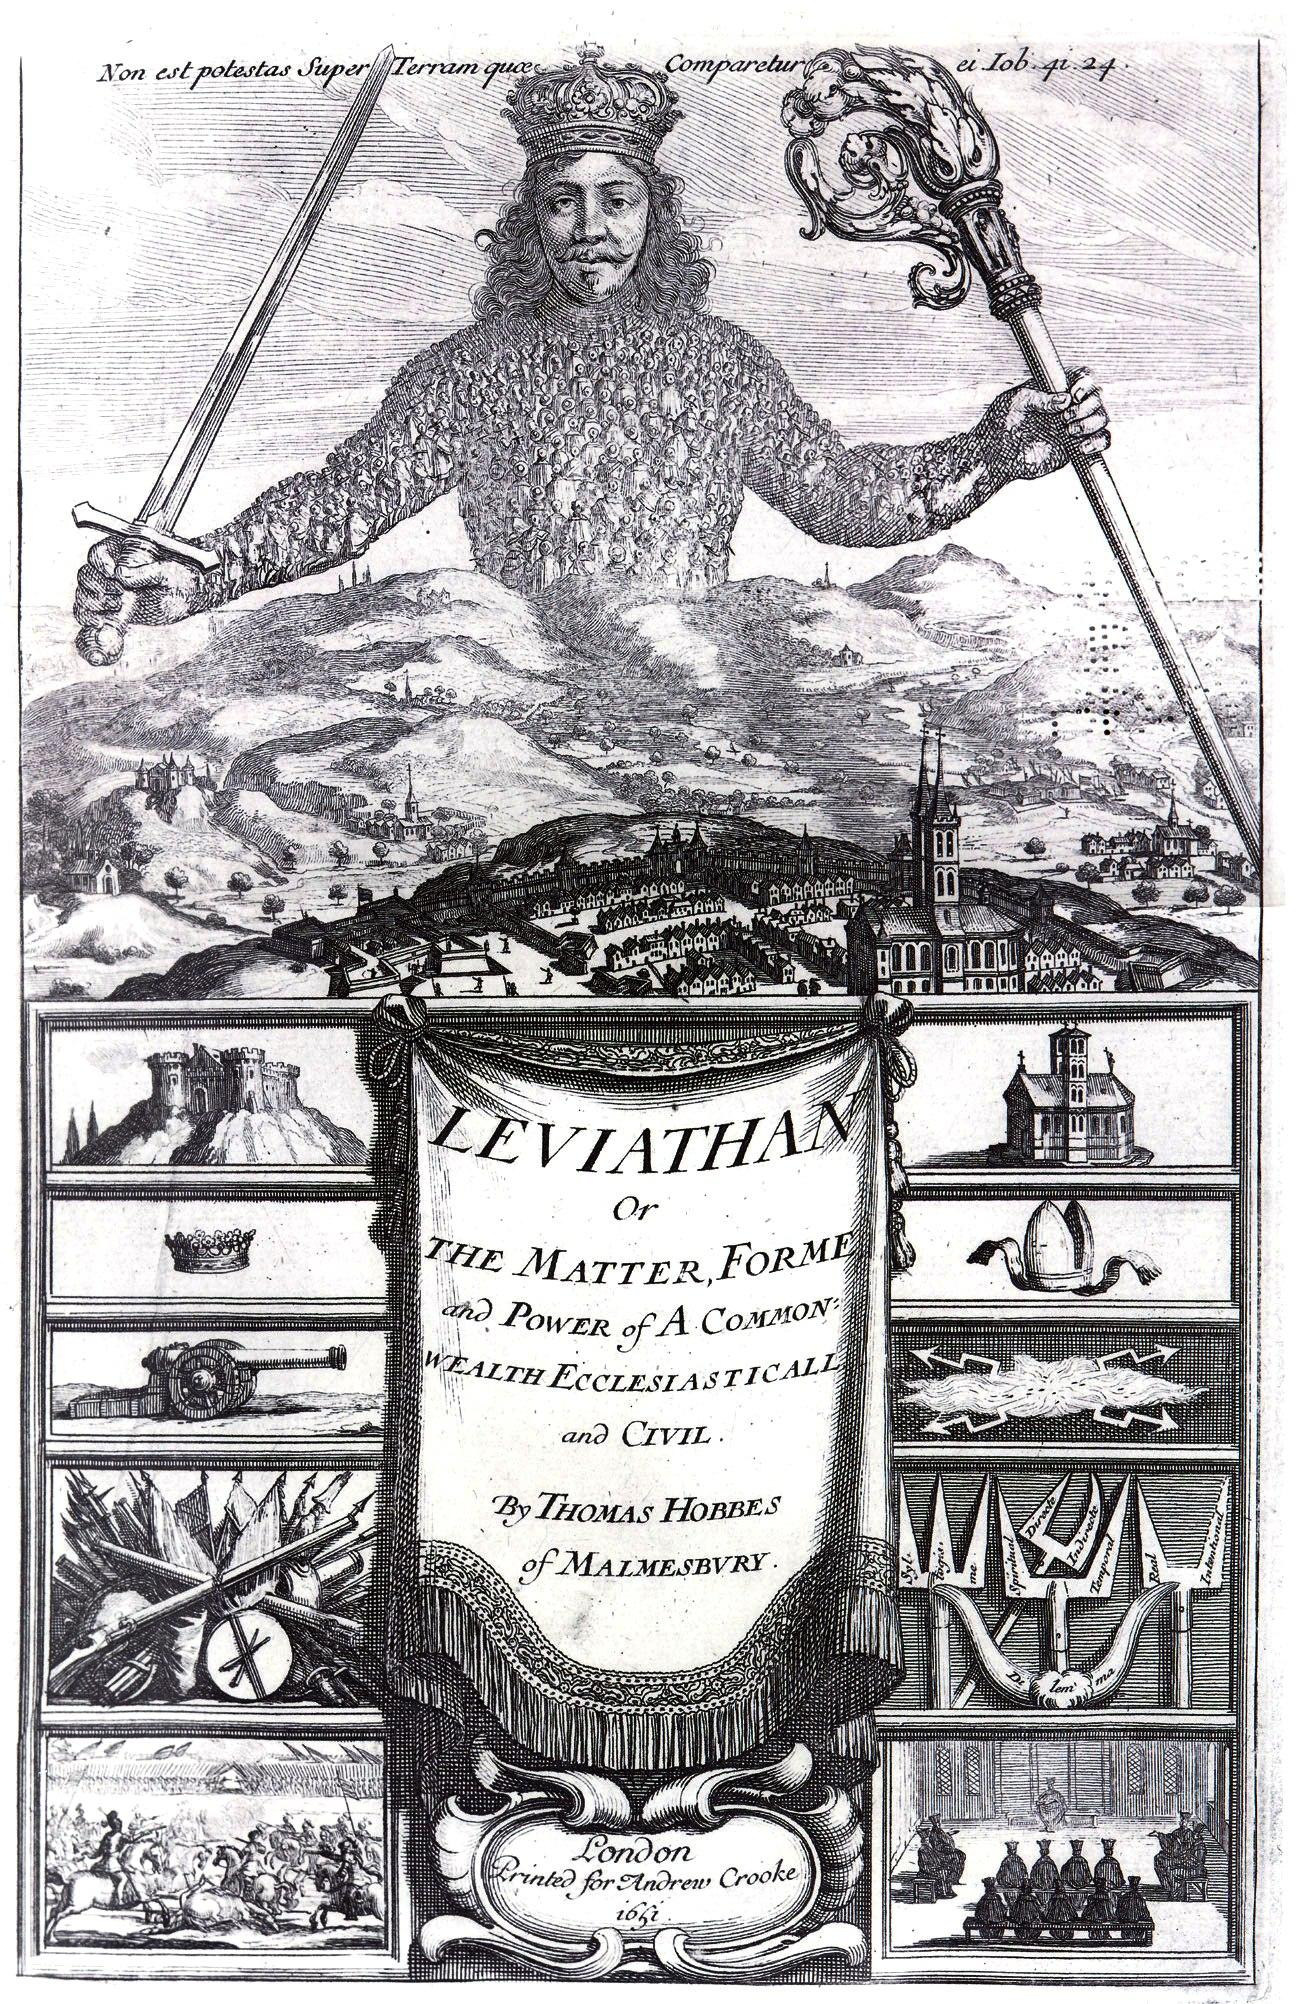 Thomas Hobbes' Leviathan